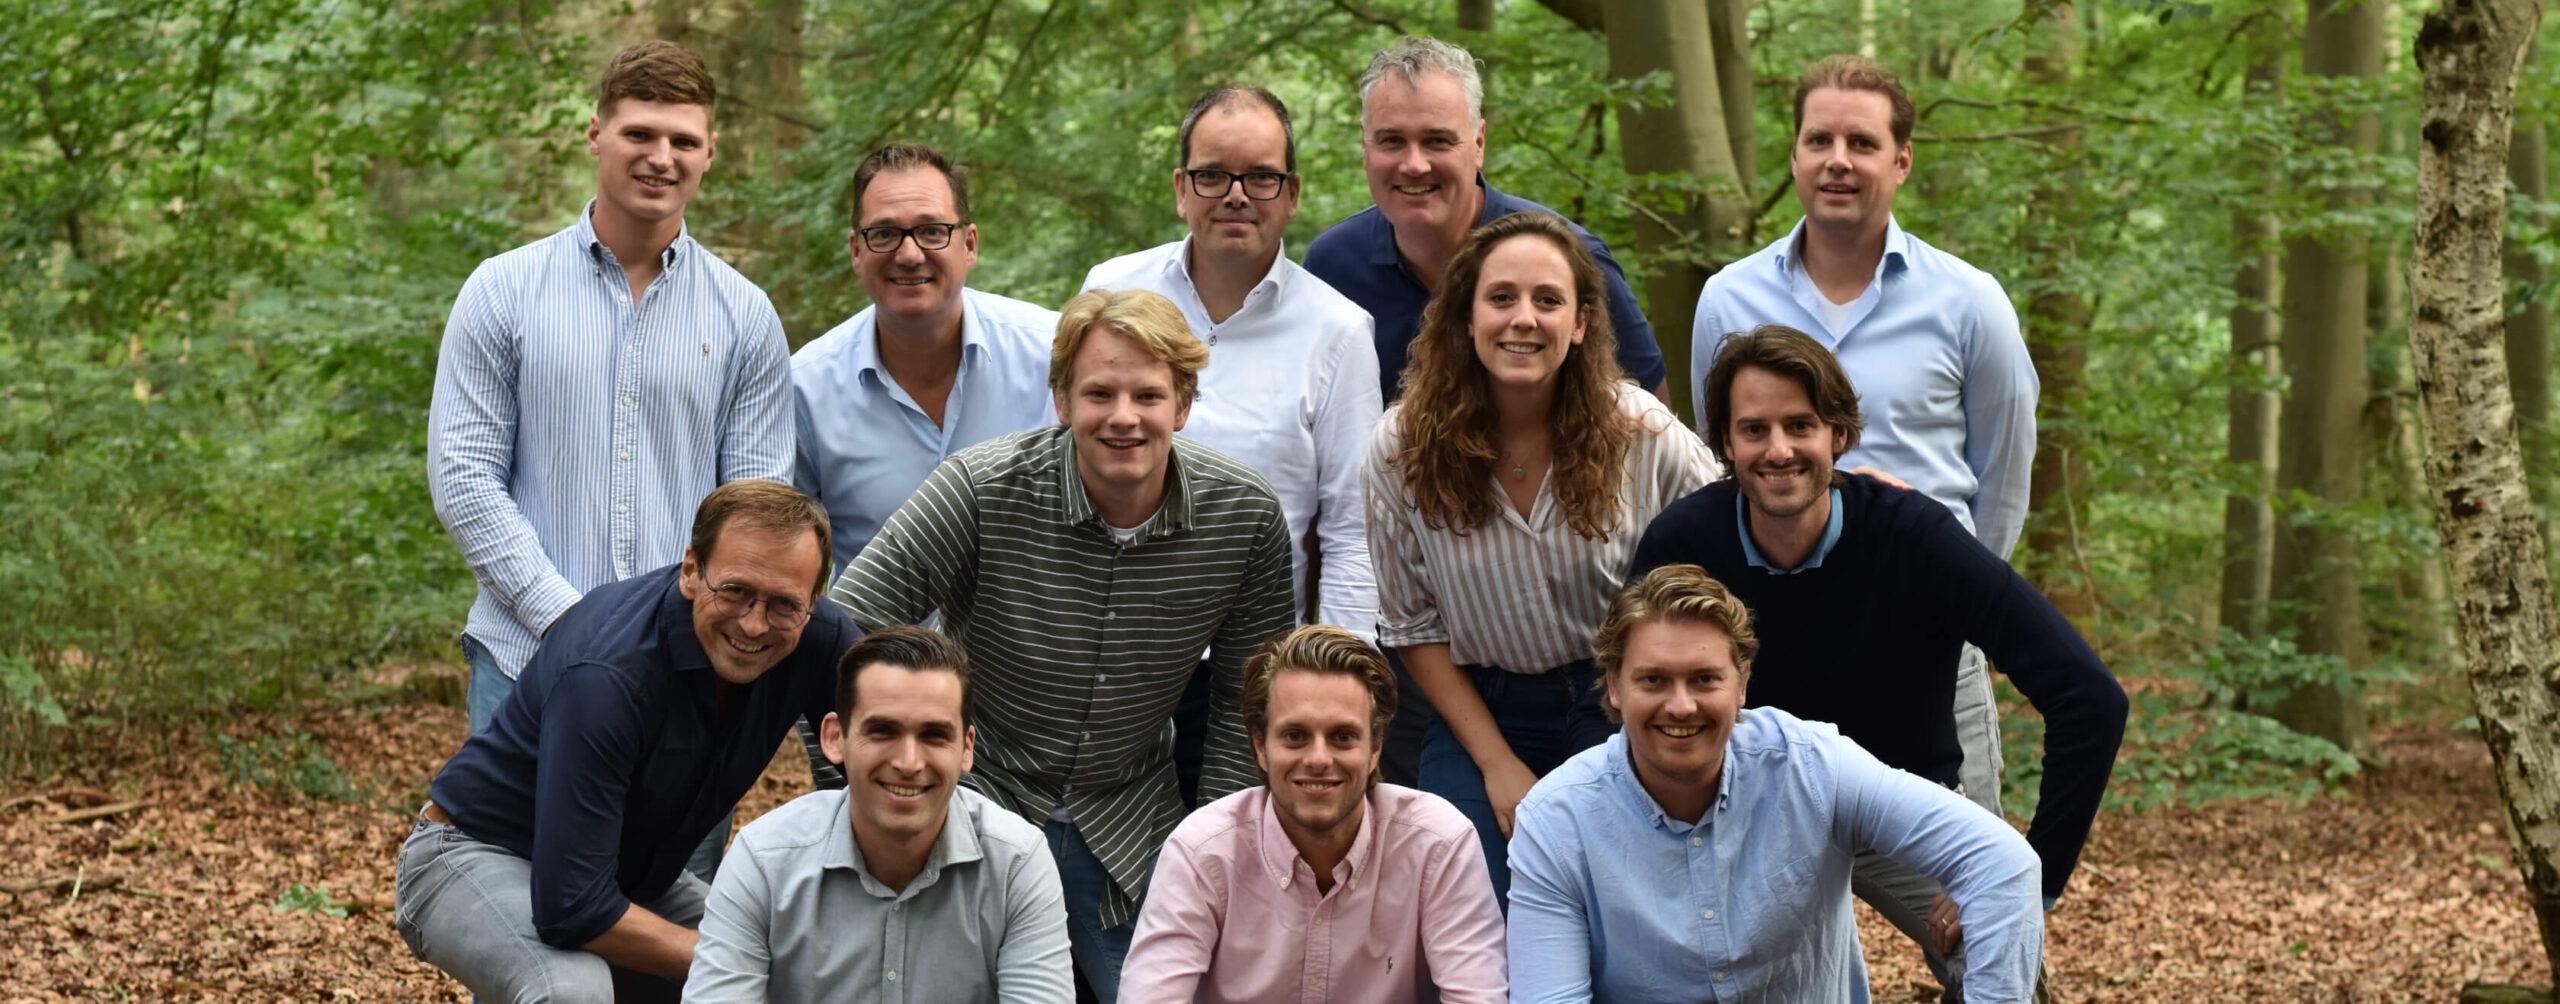 team Fintechamps